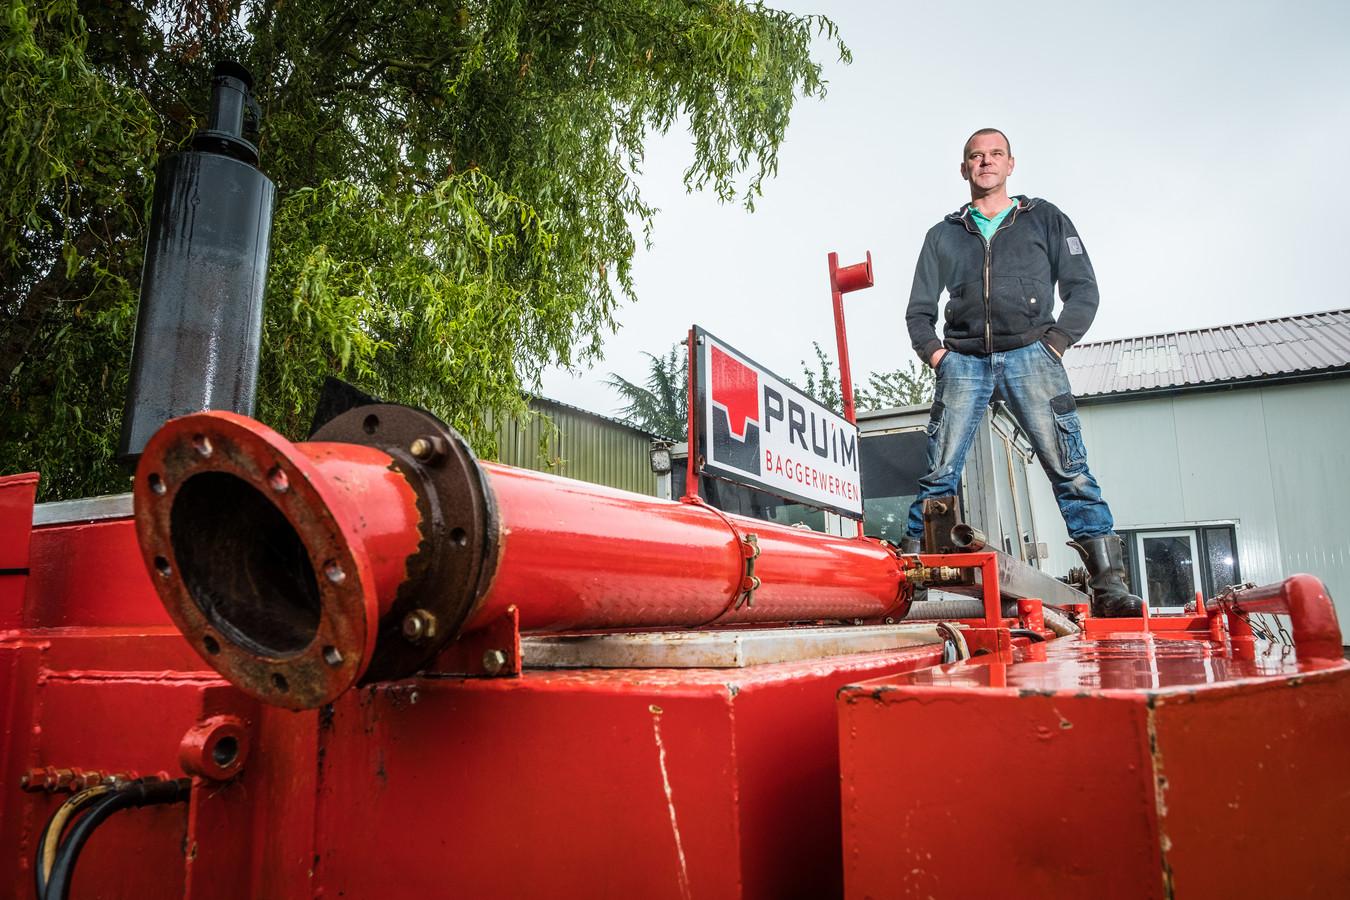 Gerard Pruim merkt de gevolgen van PFAS-regels voor grond. Zijn bedrijf is bijna failliet.